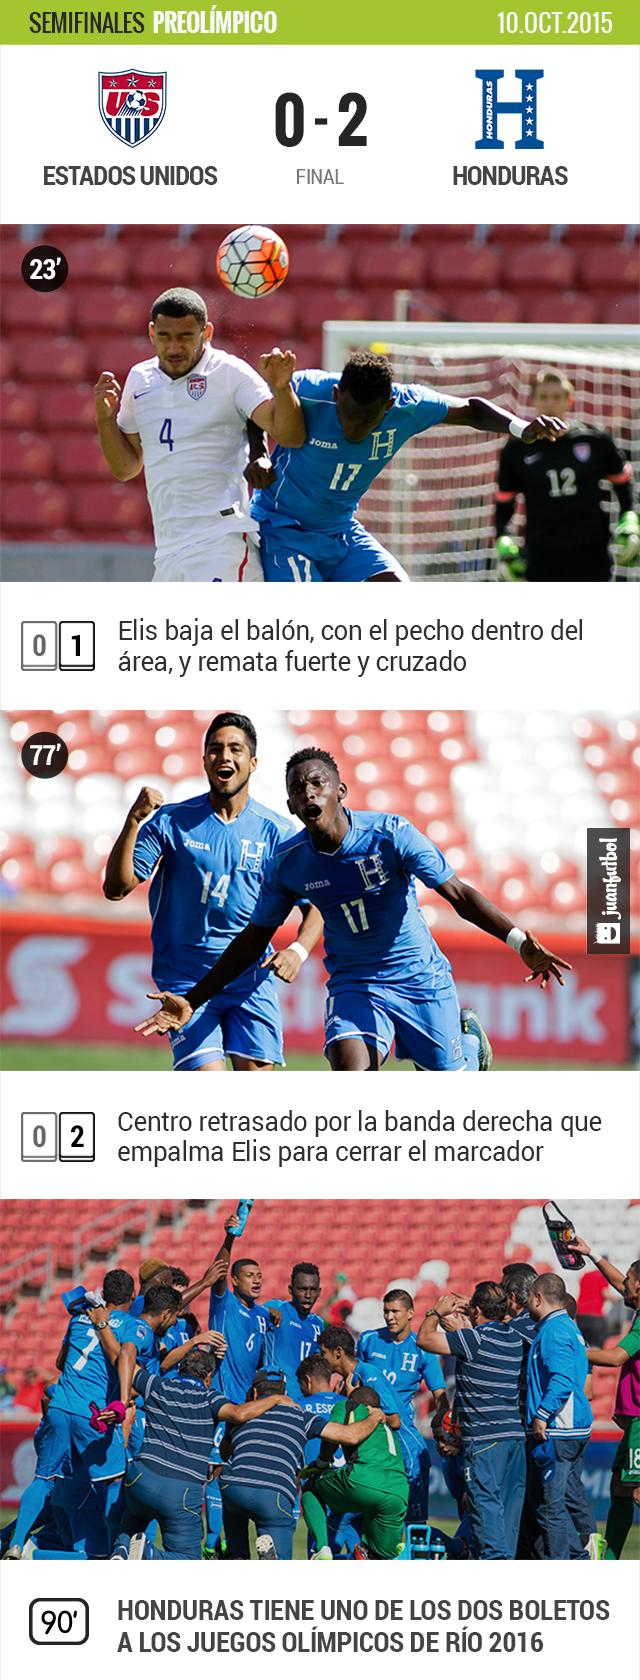 Estados Unidos 0-2 Honduras